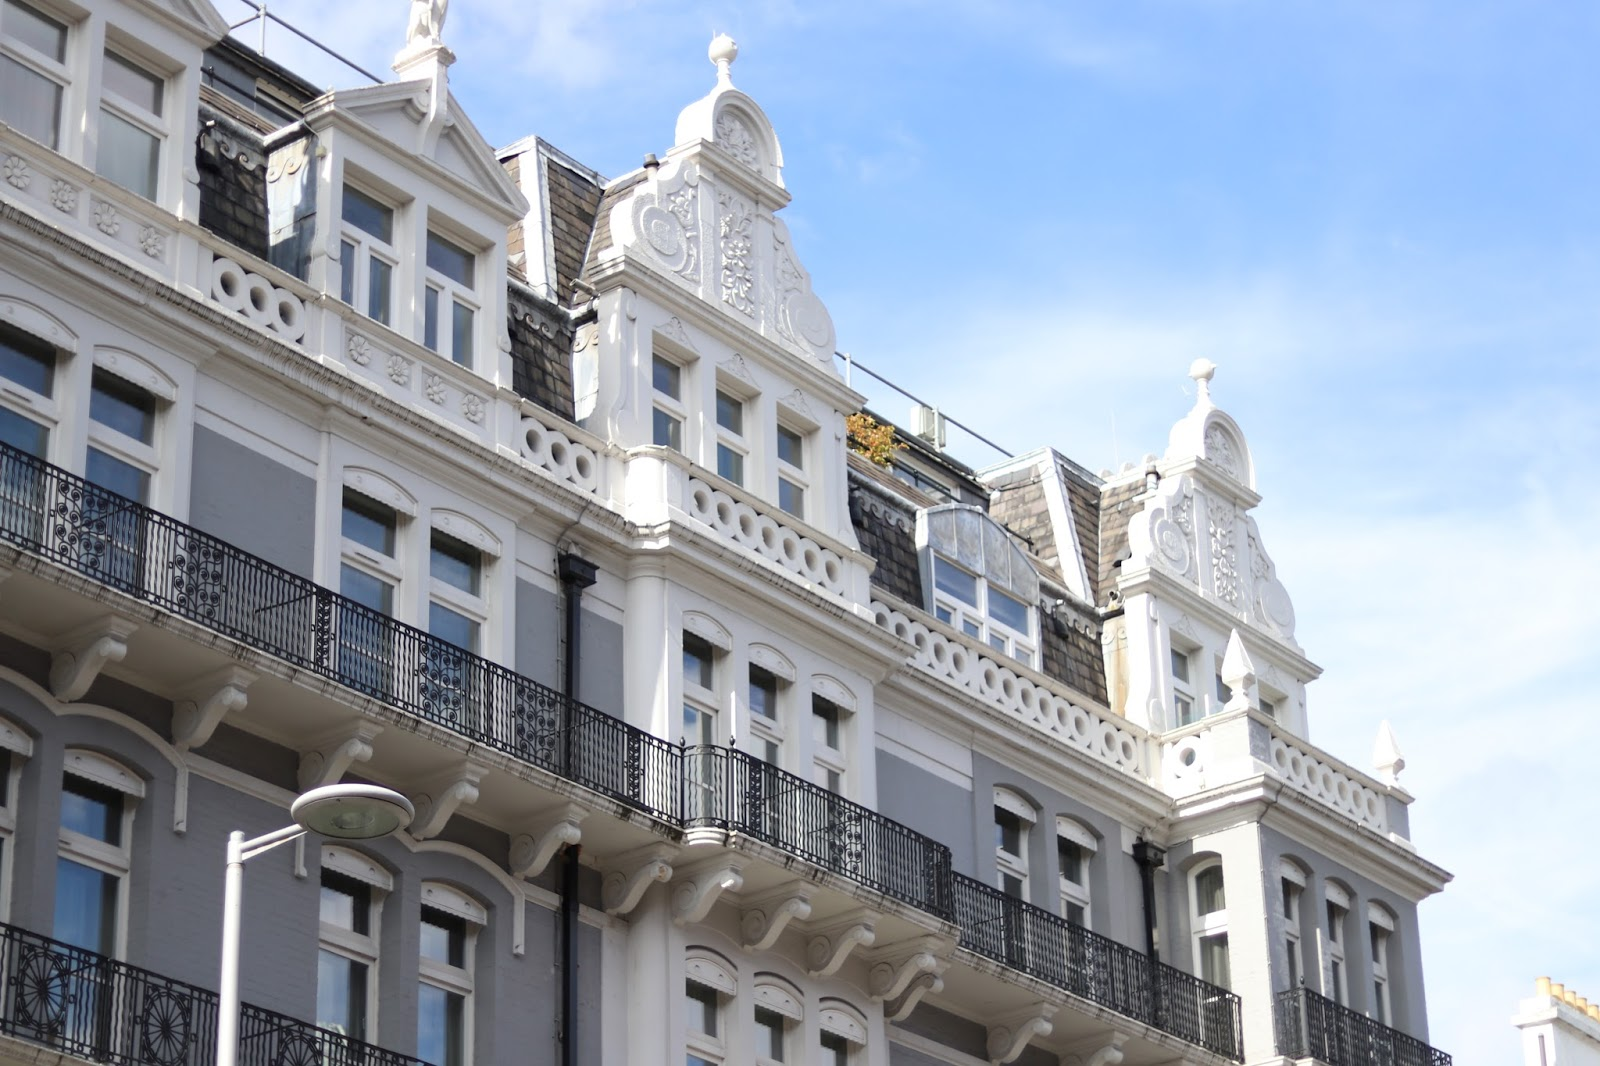 Building against blue sky, Paris, France